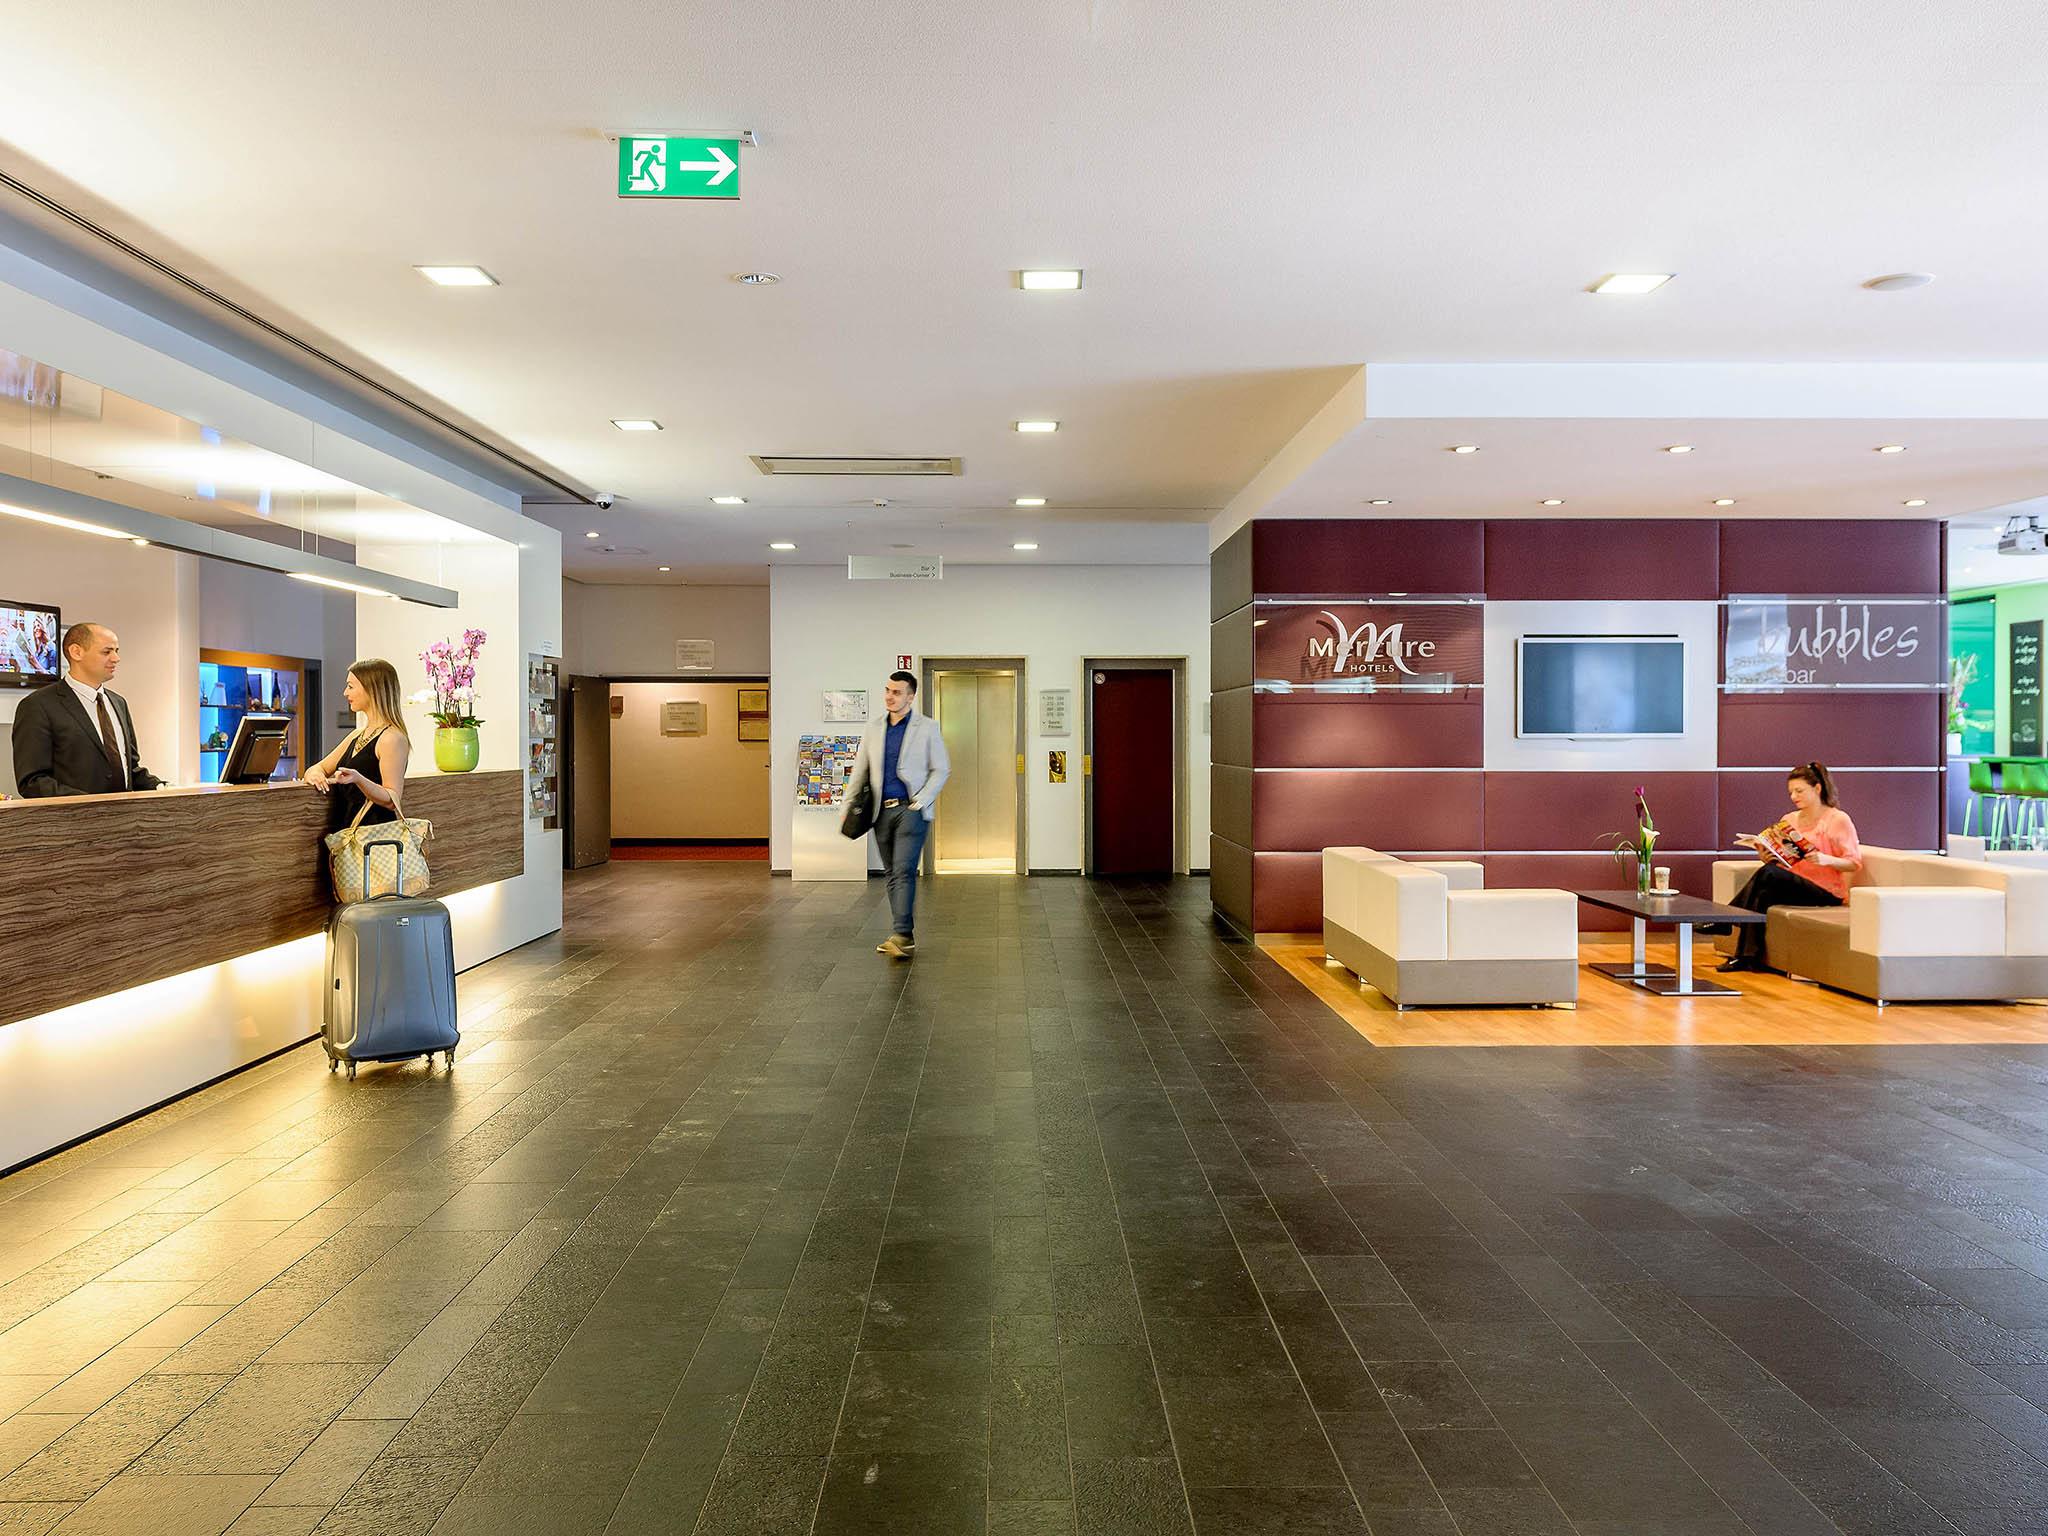 โรงแรม – เมอร์เคียว โฮเทล มุนเชน ซุด เมสเซอ